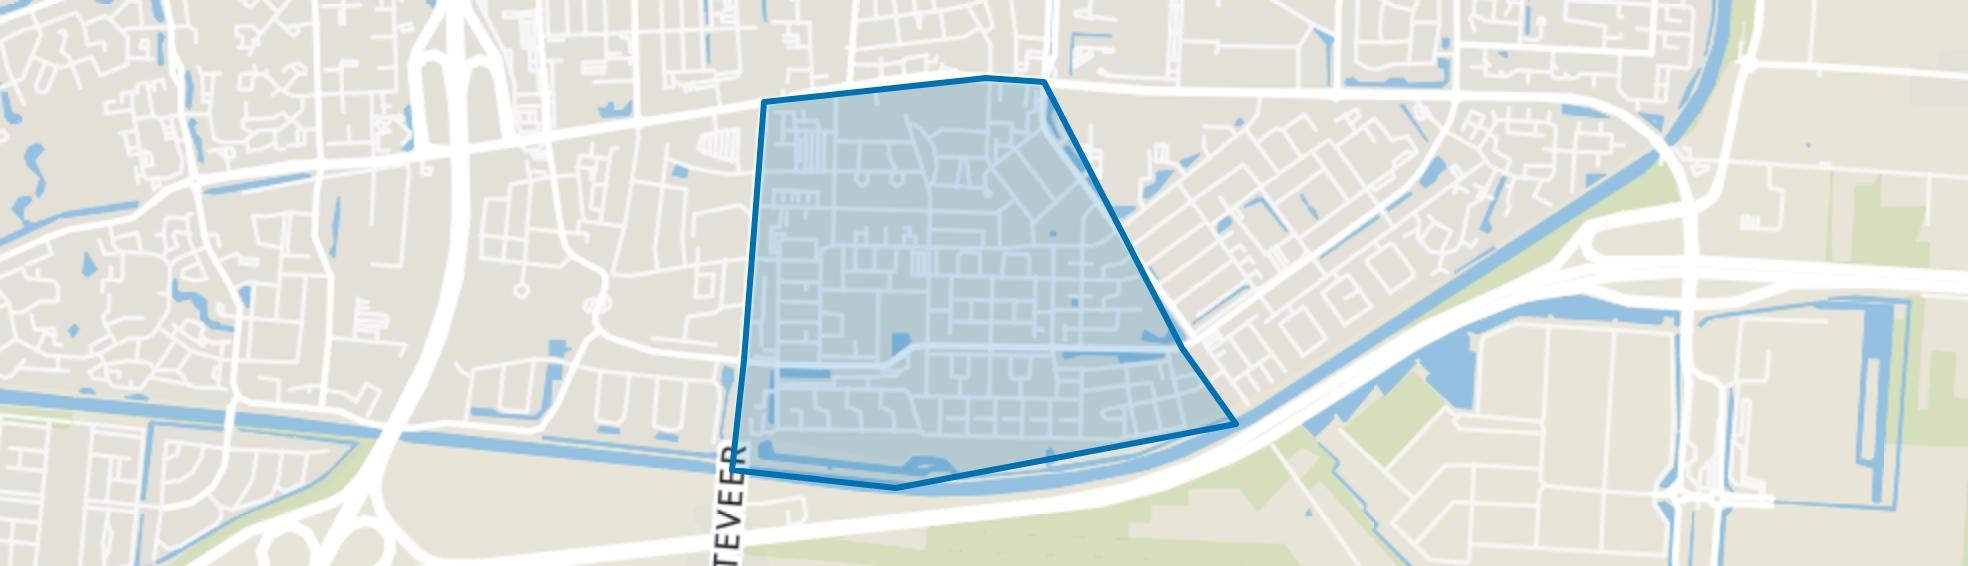 Zuid, Hoogeveen map